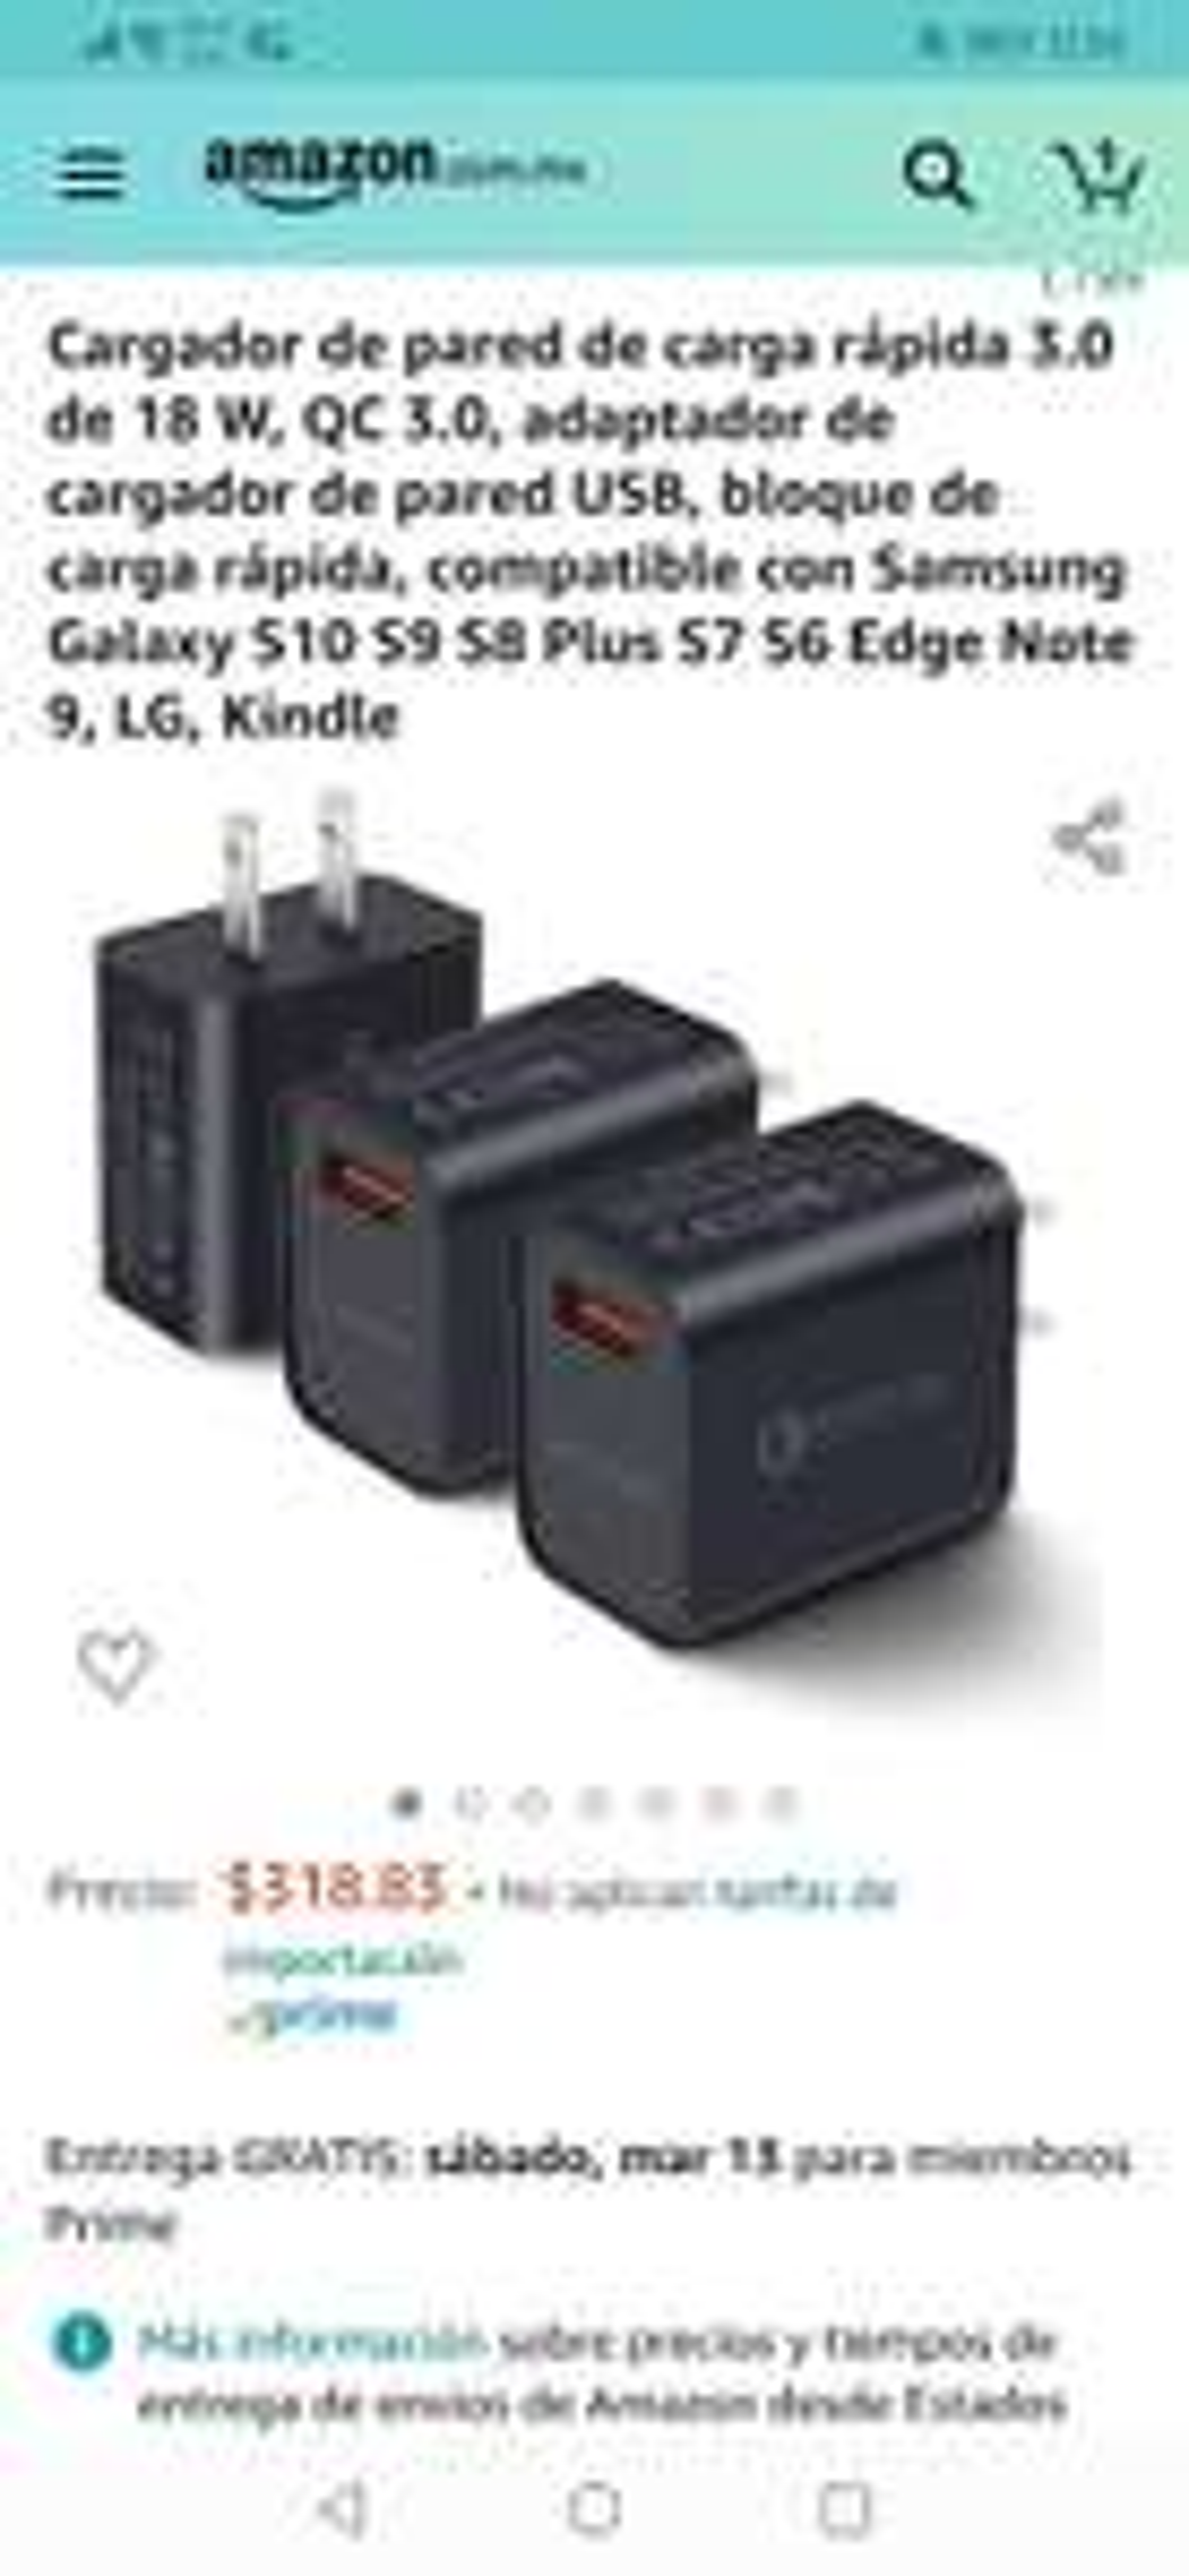 Amazon: Pack 3 Cargadores de Pared con Carga rápida 3.0 de 18W